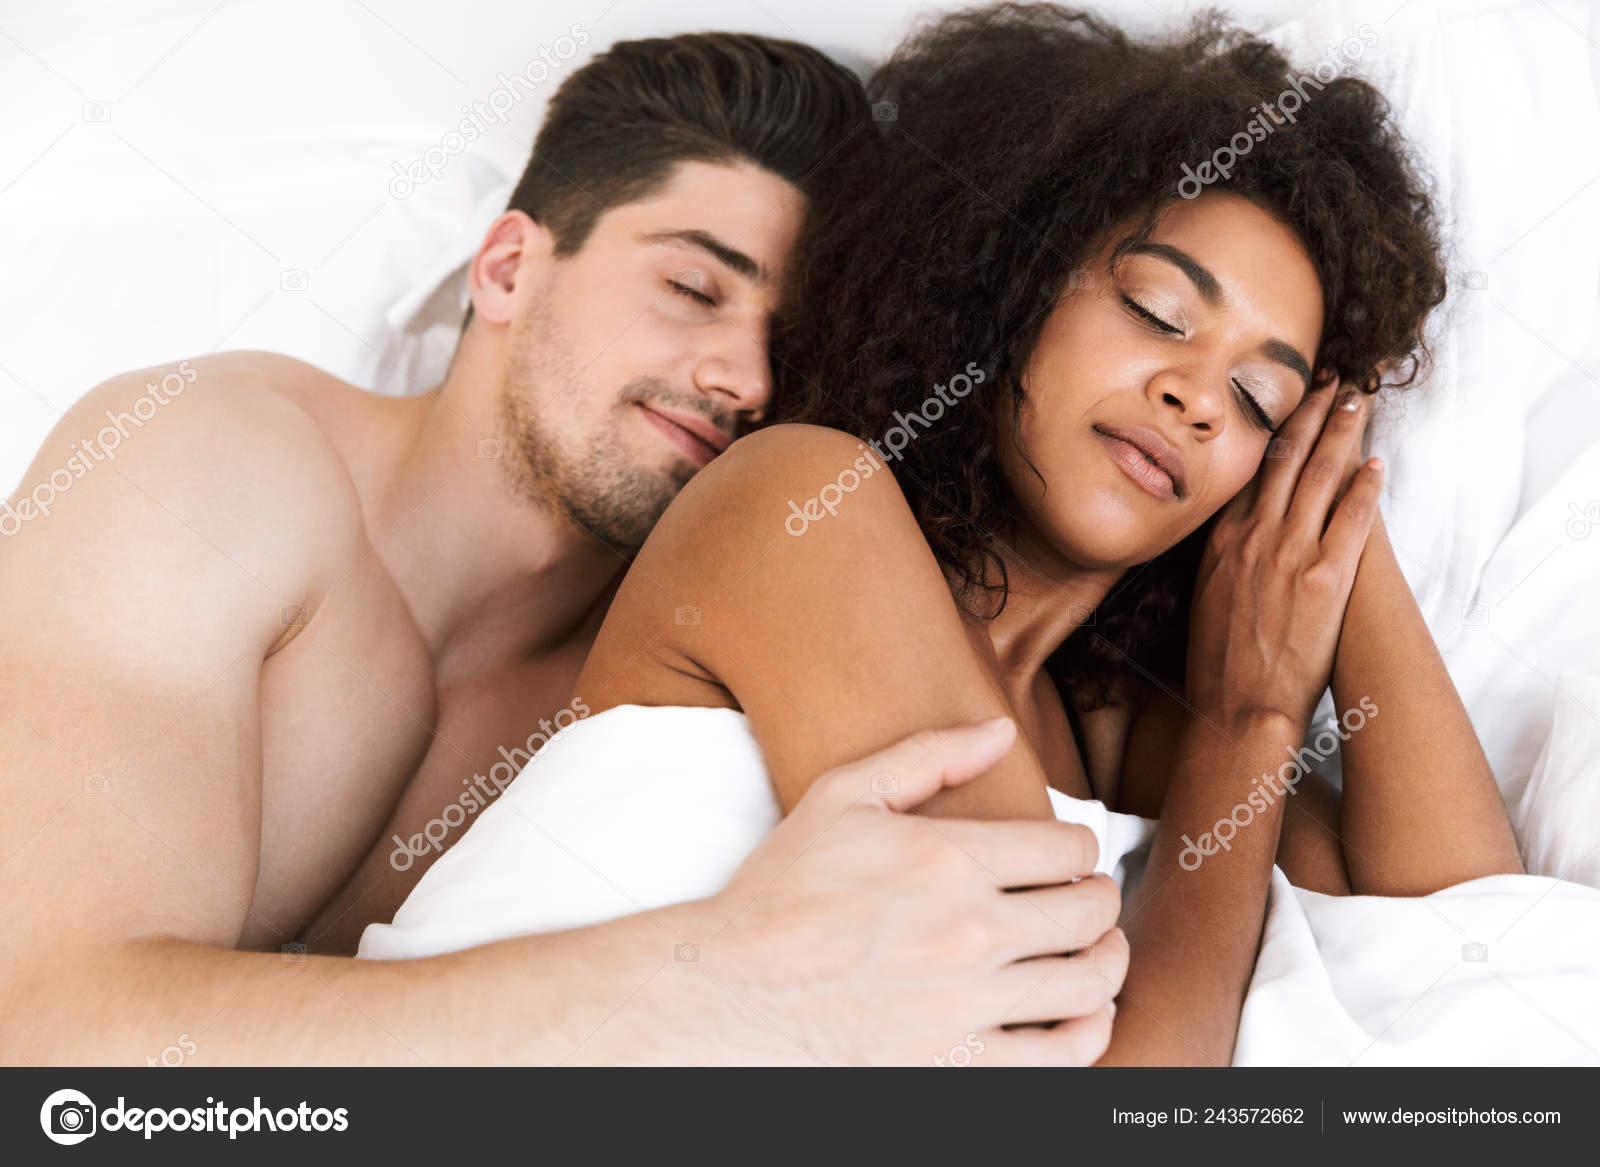 Волосатые спящей подруге лесби порно